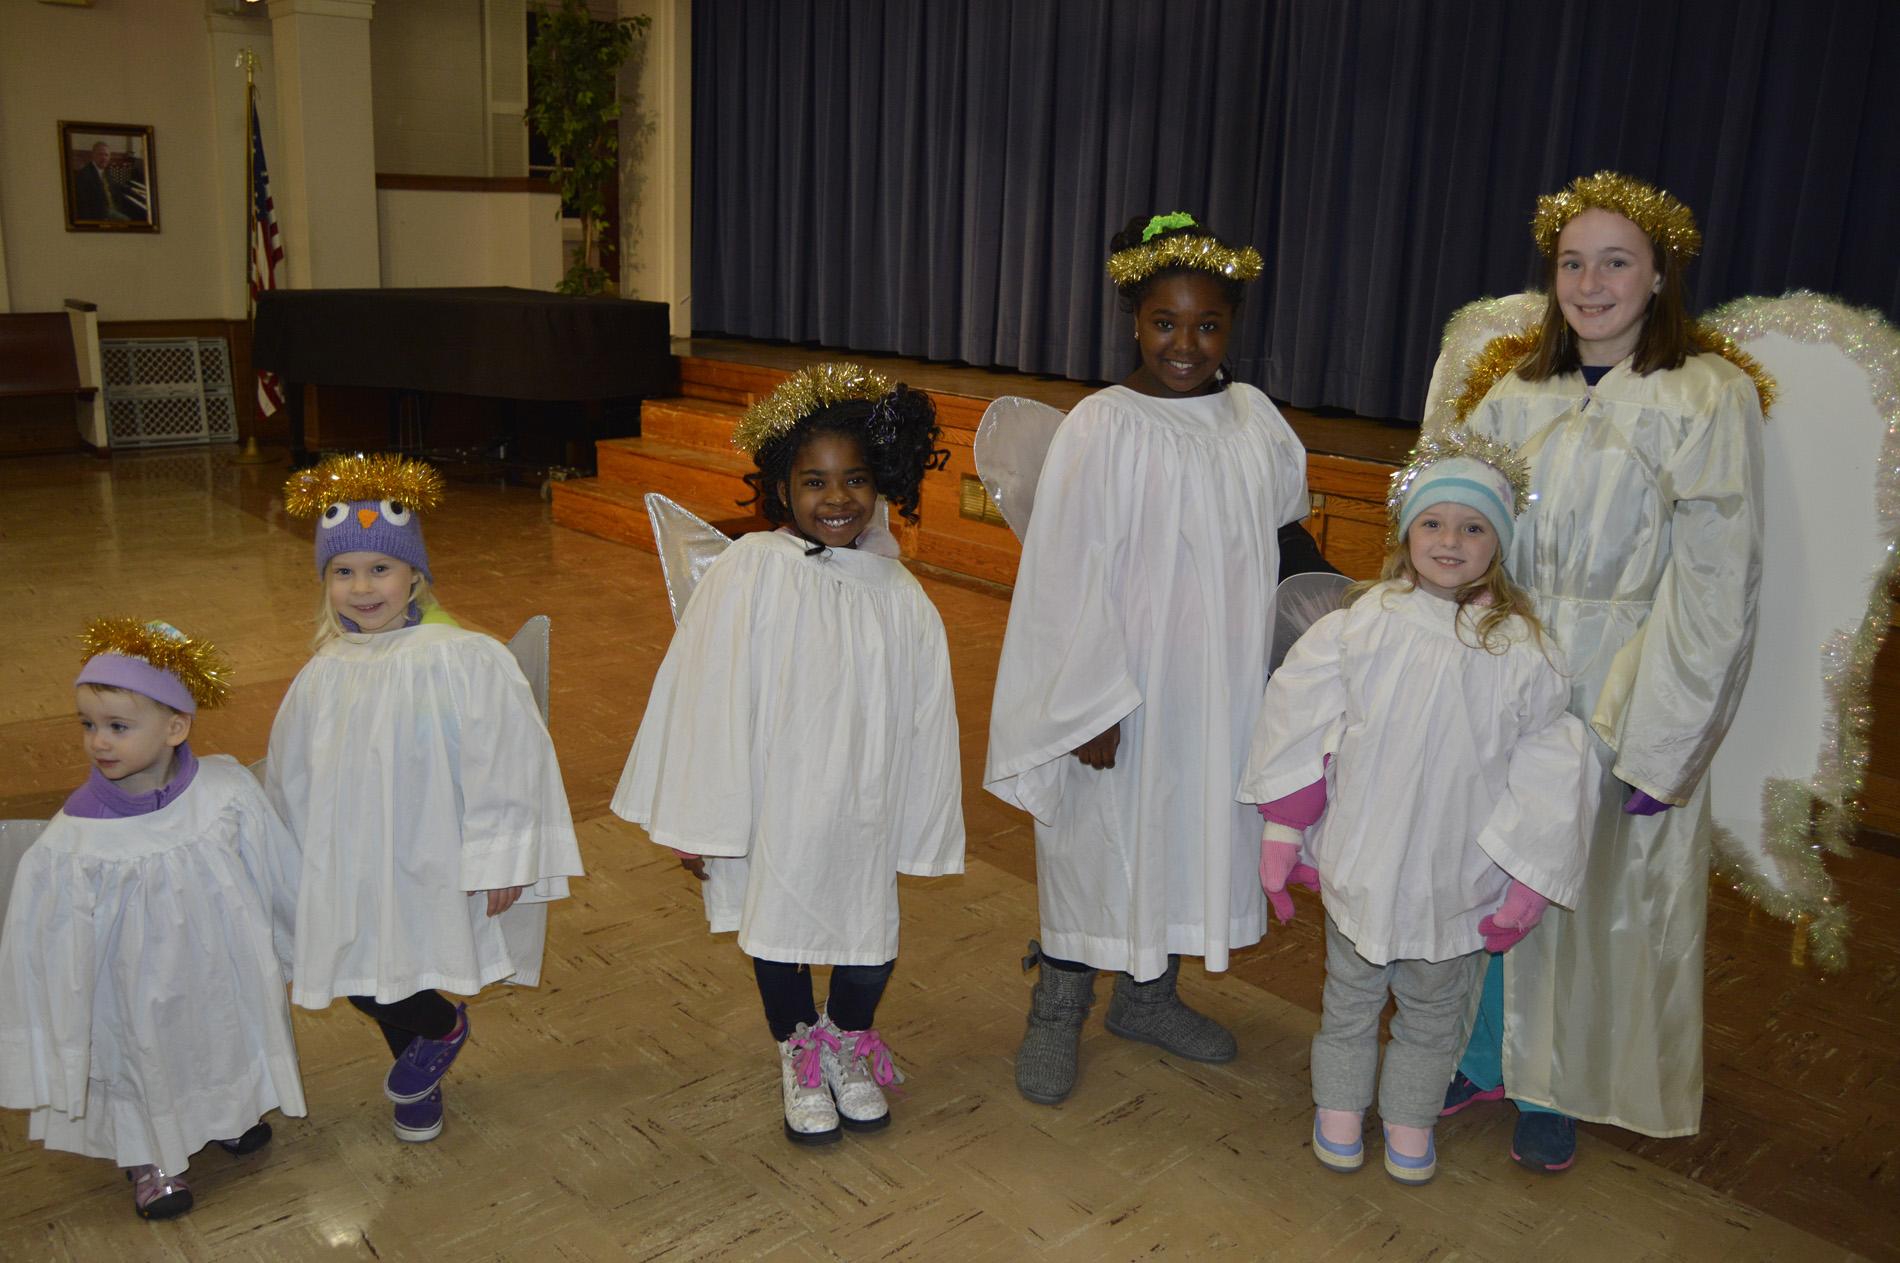 Children at Cherrydale